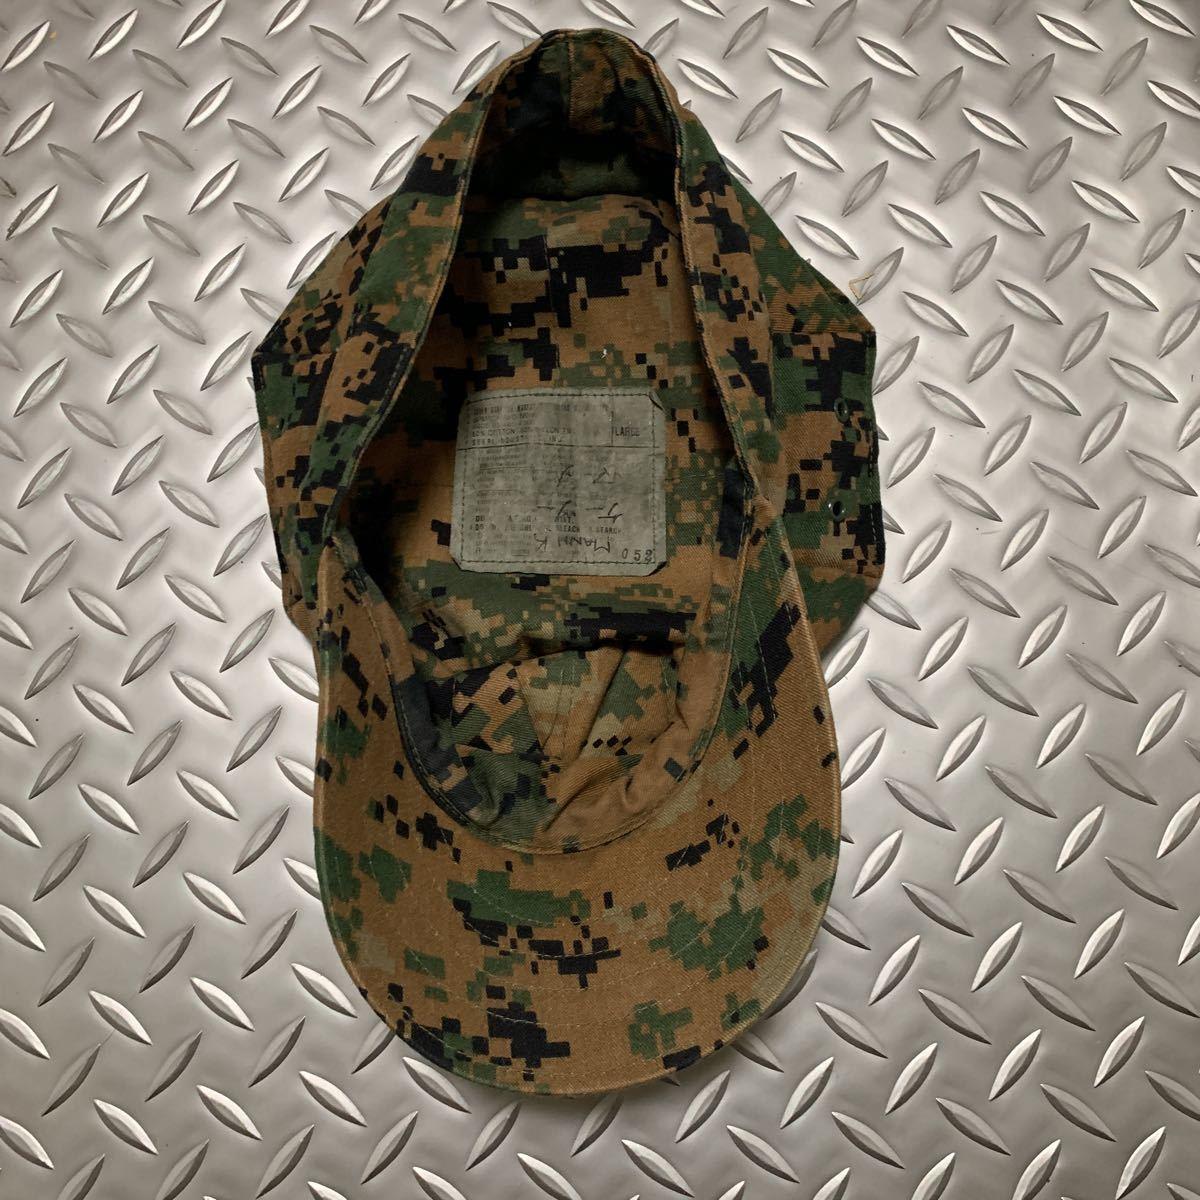 米軍 実物 新品 USMC 海兵隊 マーパット 帽子 サイズ L ミリタリーキャップ パトロールキャップ _画像4